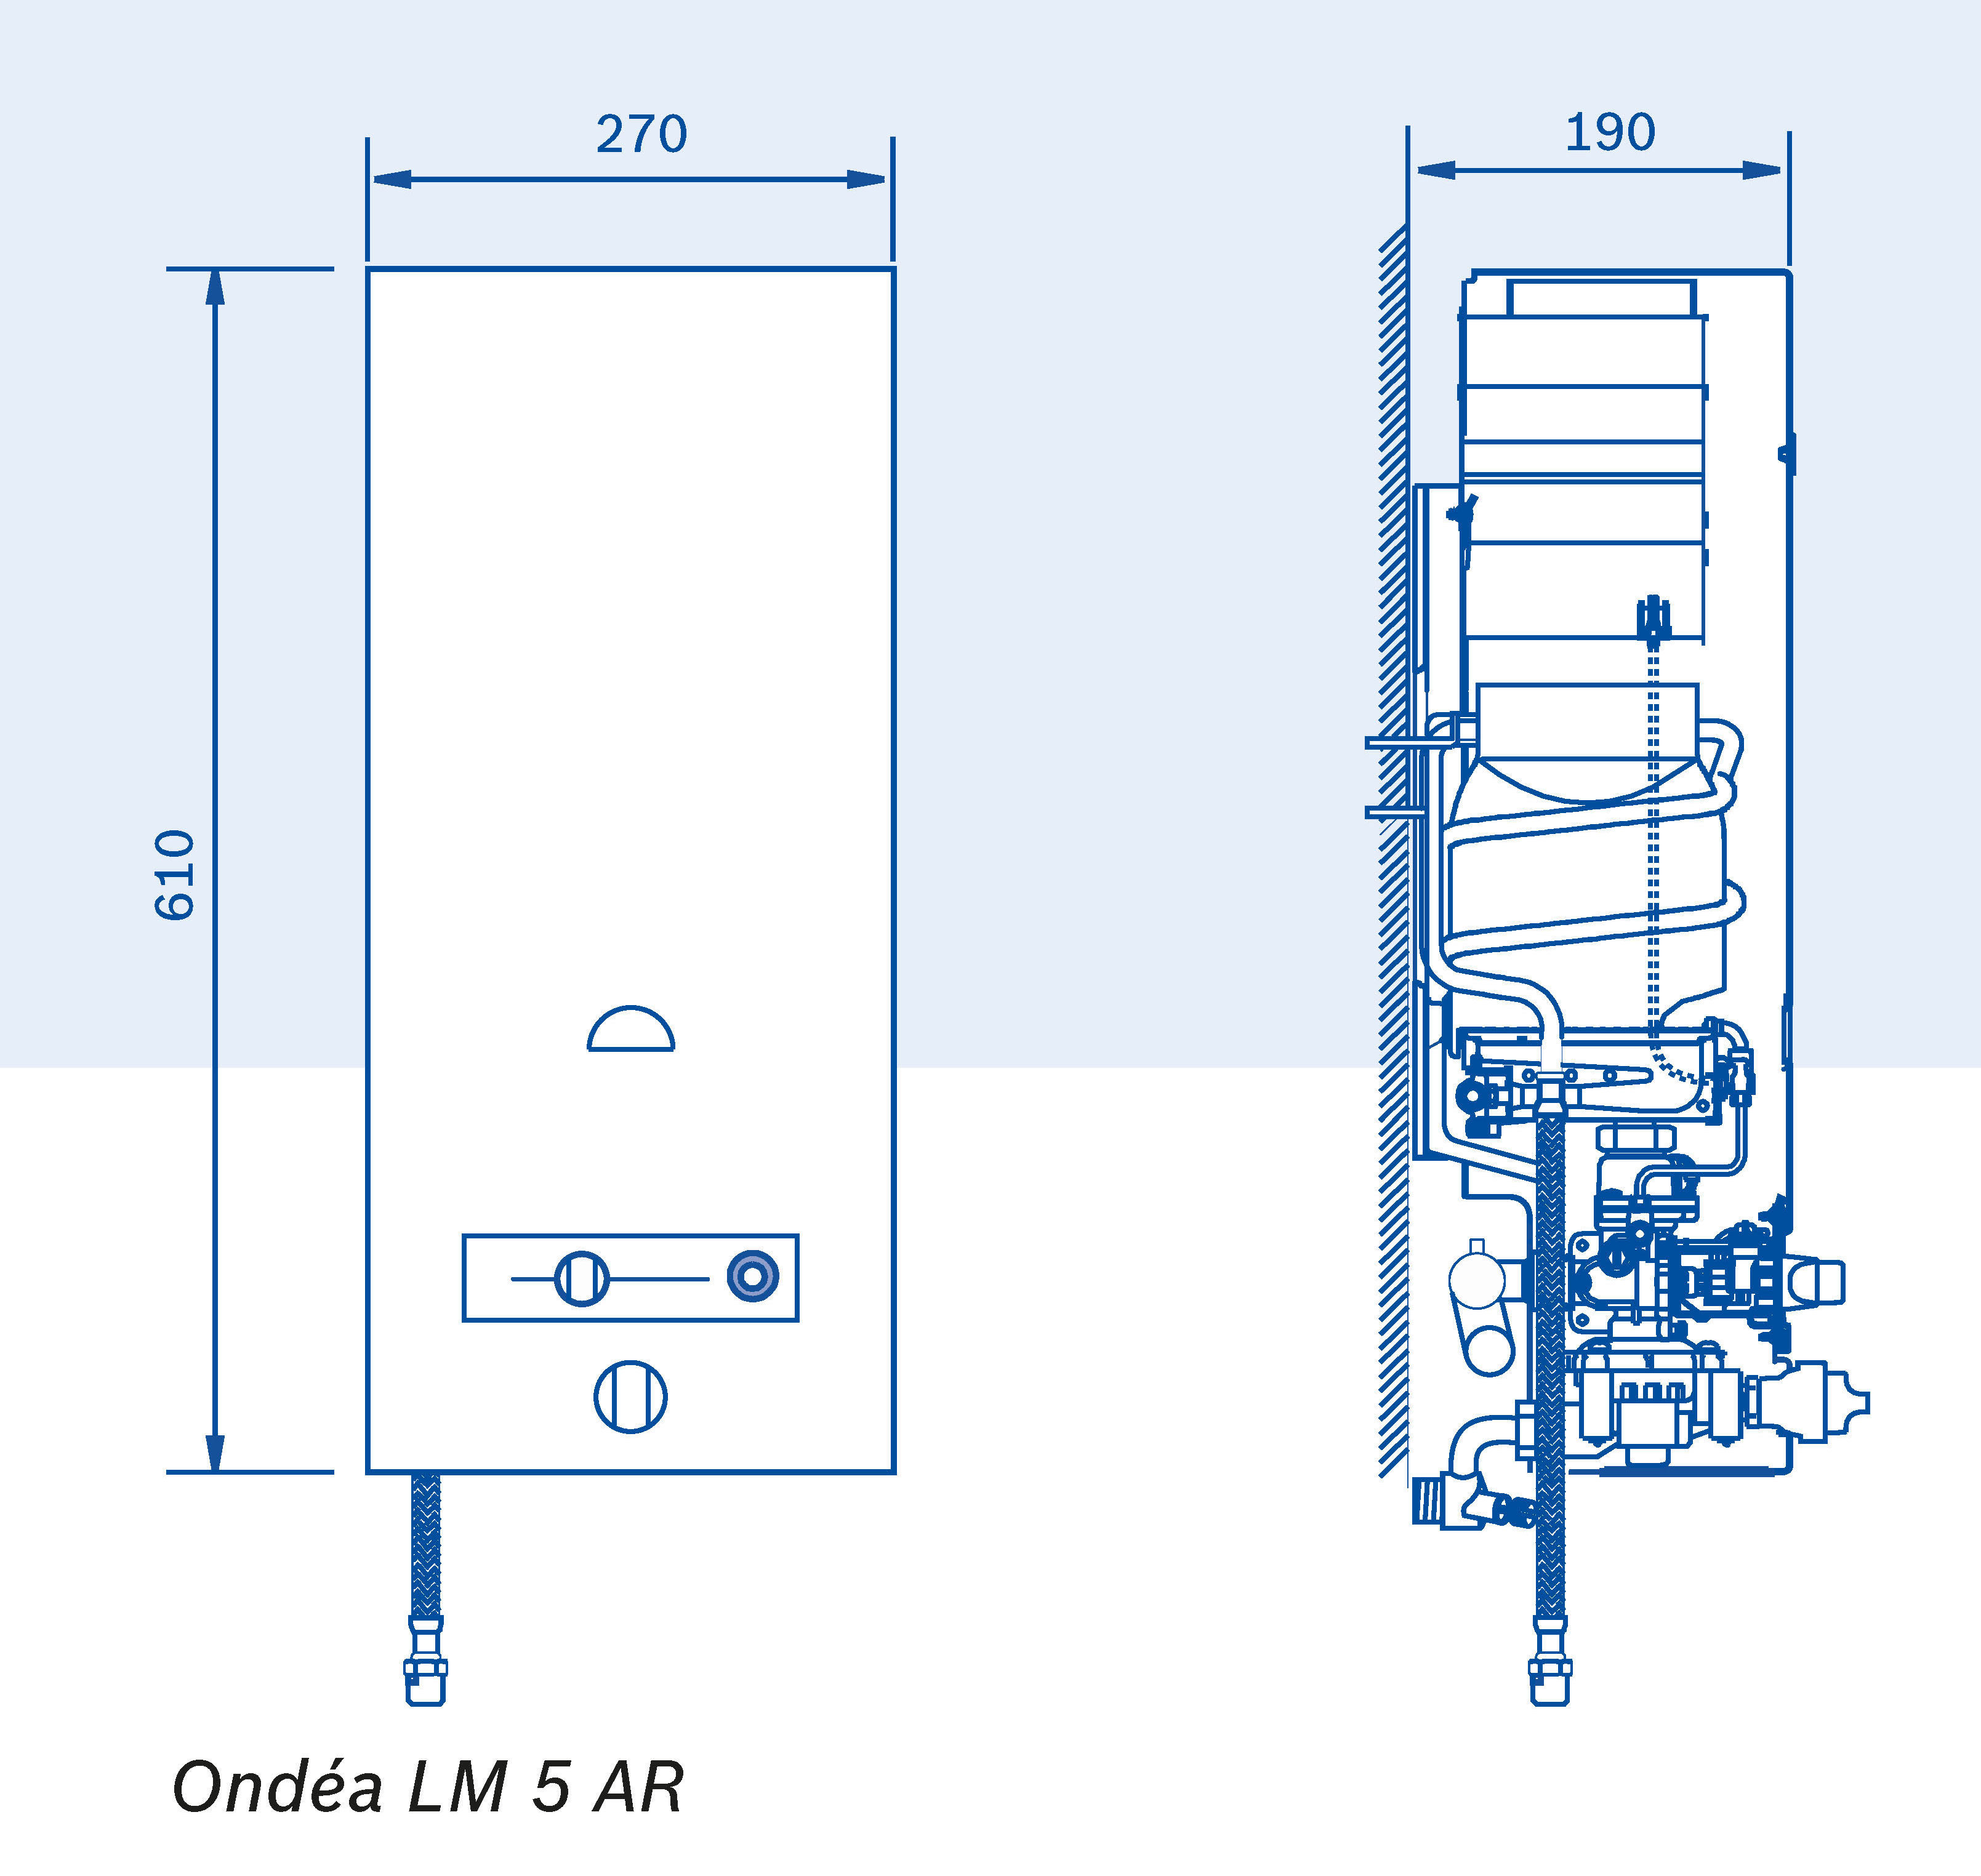 chauffe eau gaz production instantane ondea avec coupe tirage anit refouleur elm leblanc. Black Bedroom Furniture Sets. Home Design Ideas